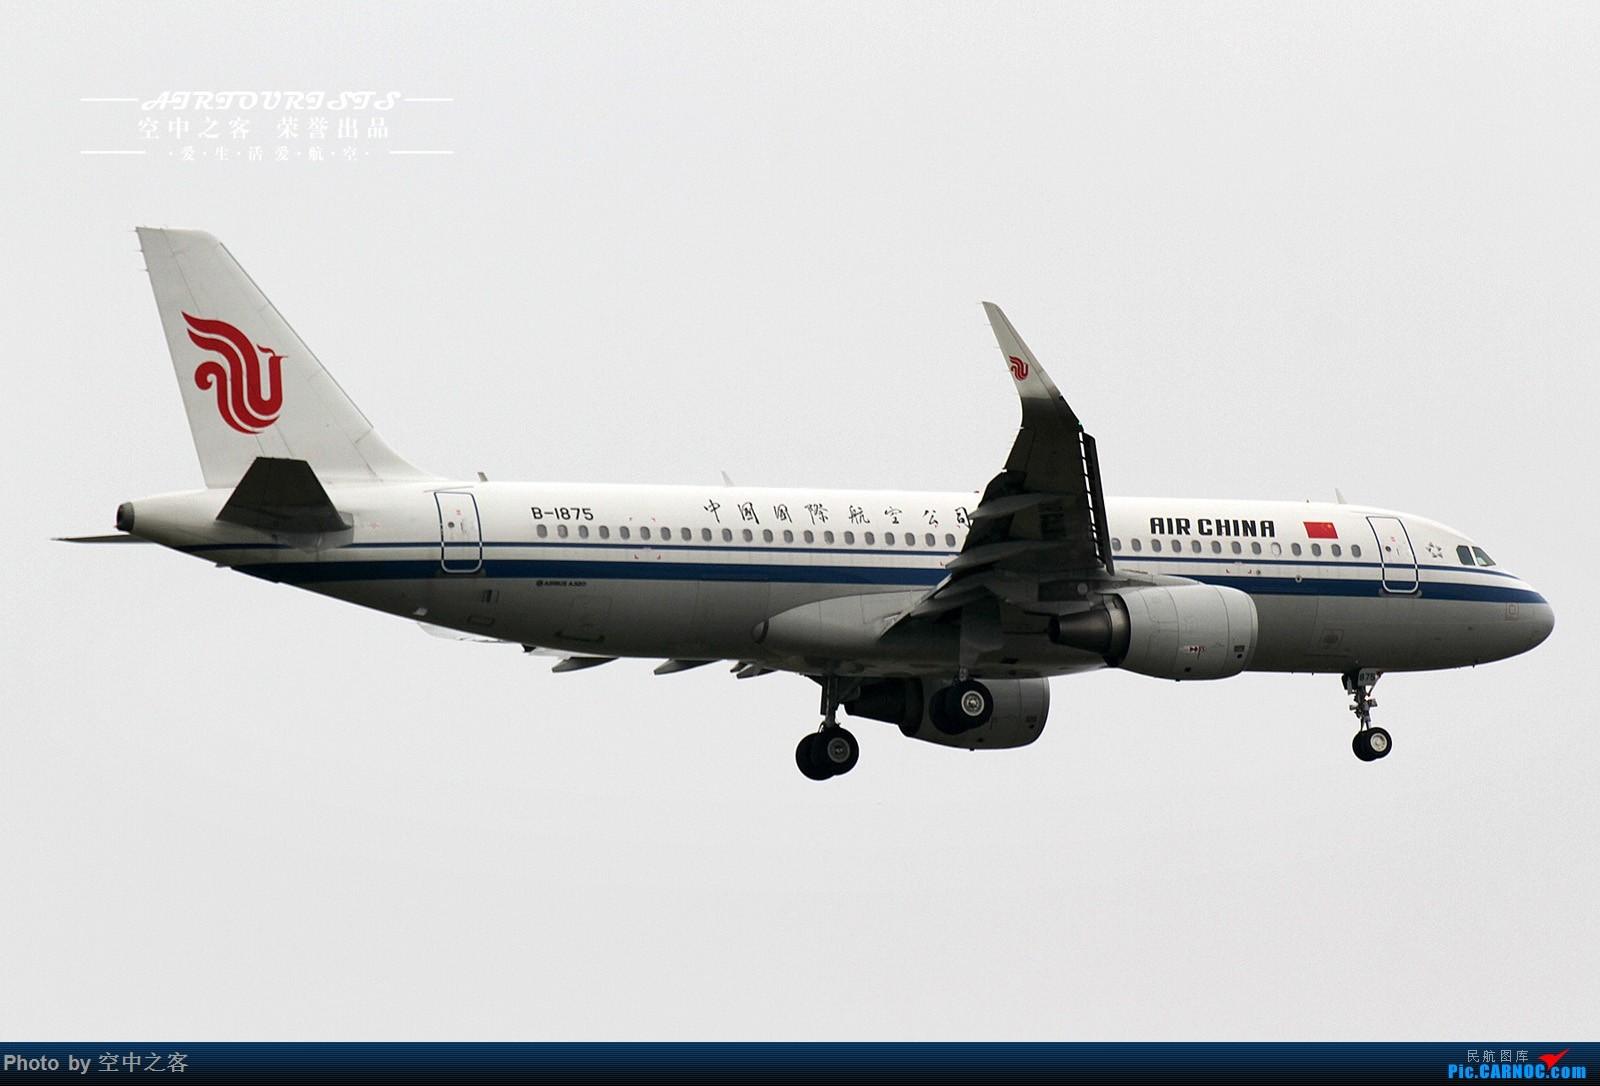 Re:[原创][合肥飞友会·霸都打机队 空中之客出品]虽然水泥天也要来一场说走就走的拍机(前传) AIRBUS A320-200 B-1875 合肥新桥国际机场